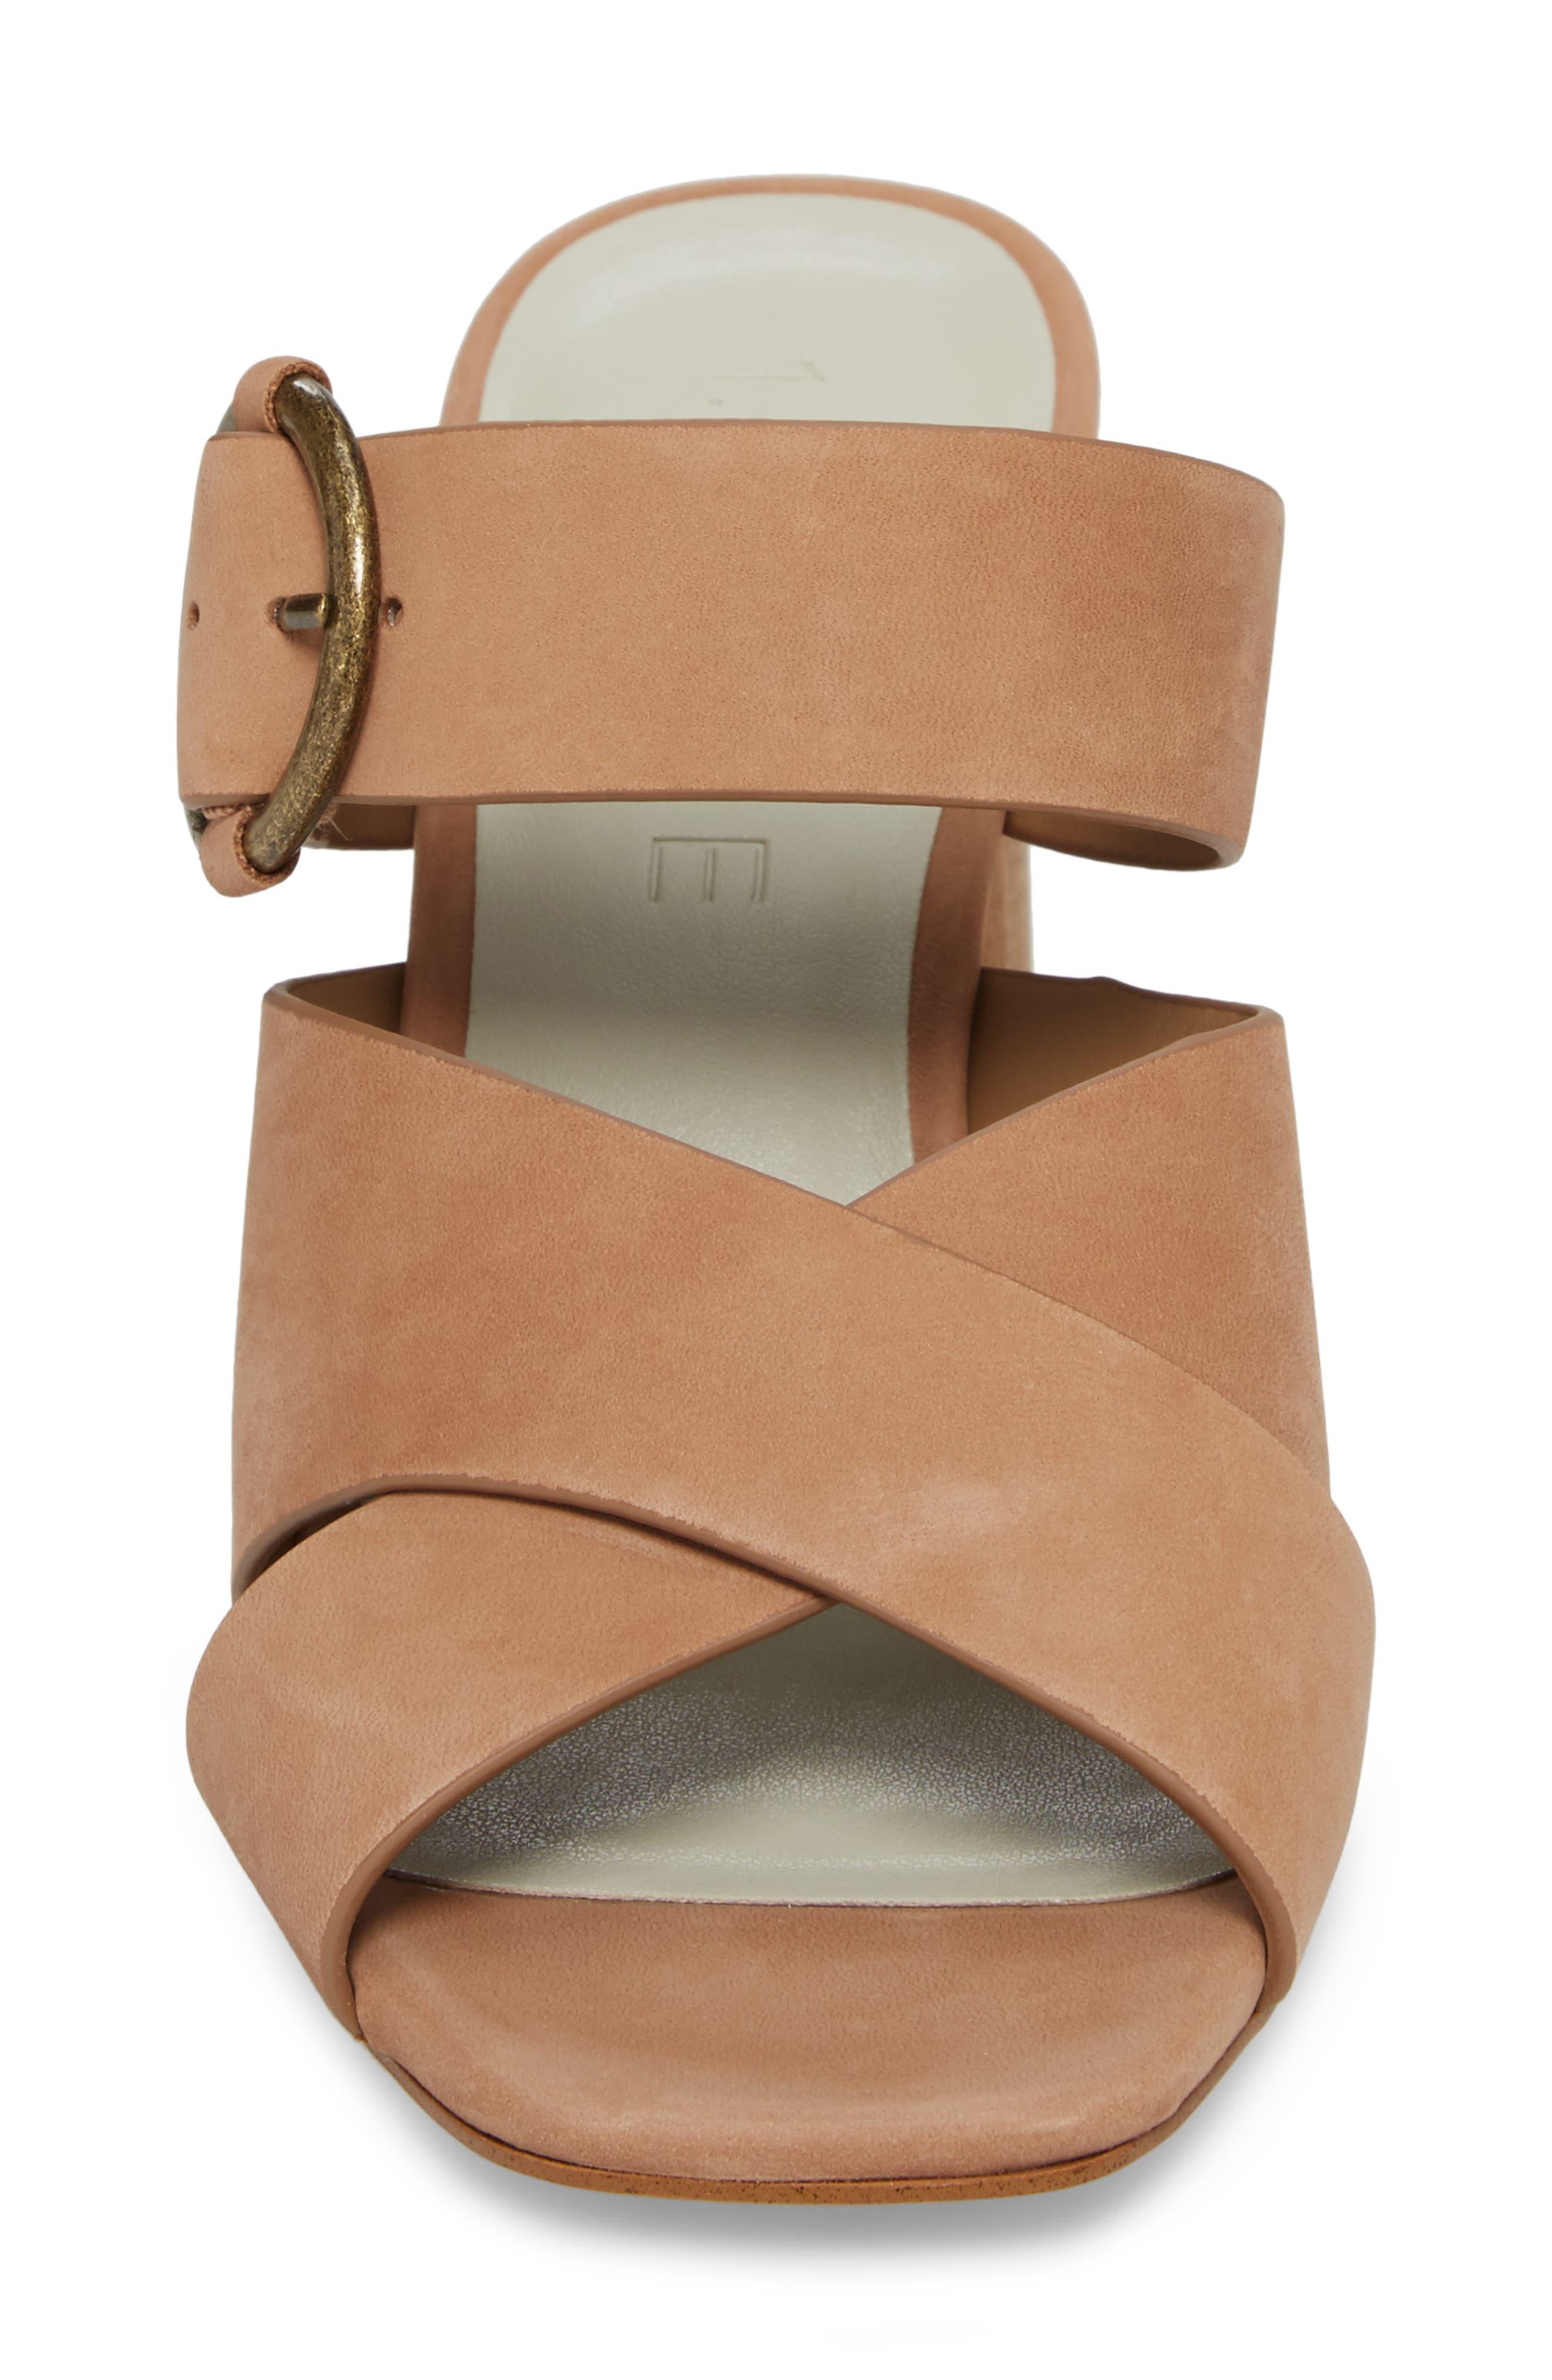 Icendra Flared Heel Mule Sandal,                             Alternate thumbnail 4, color,                             Teak Leather